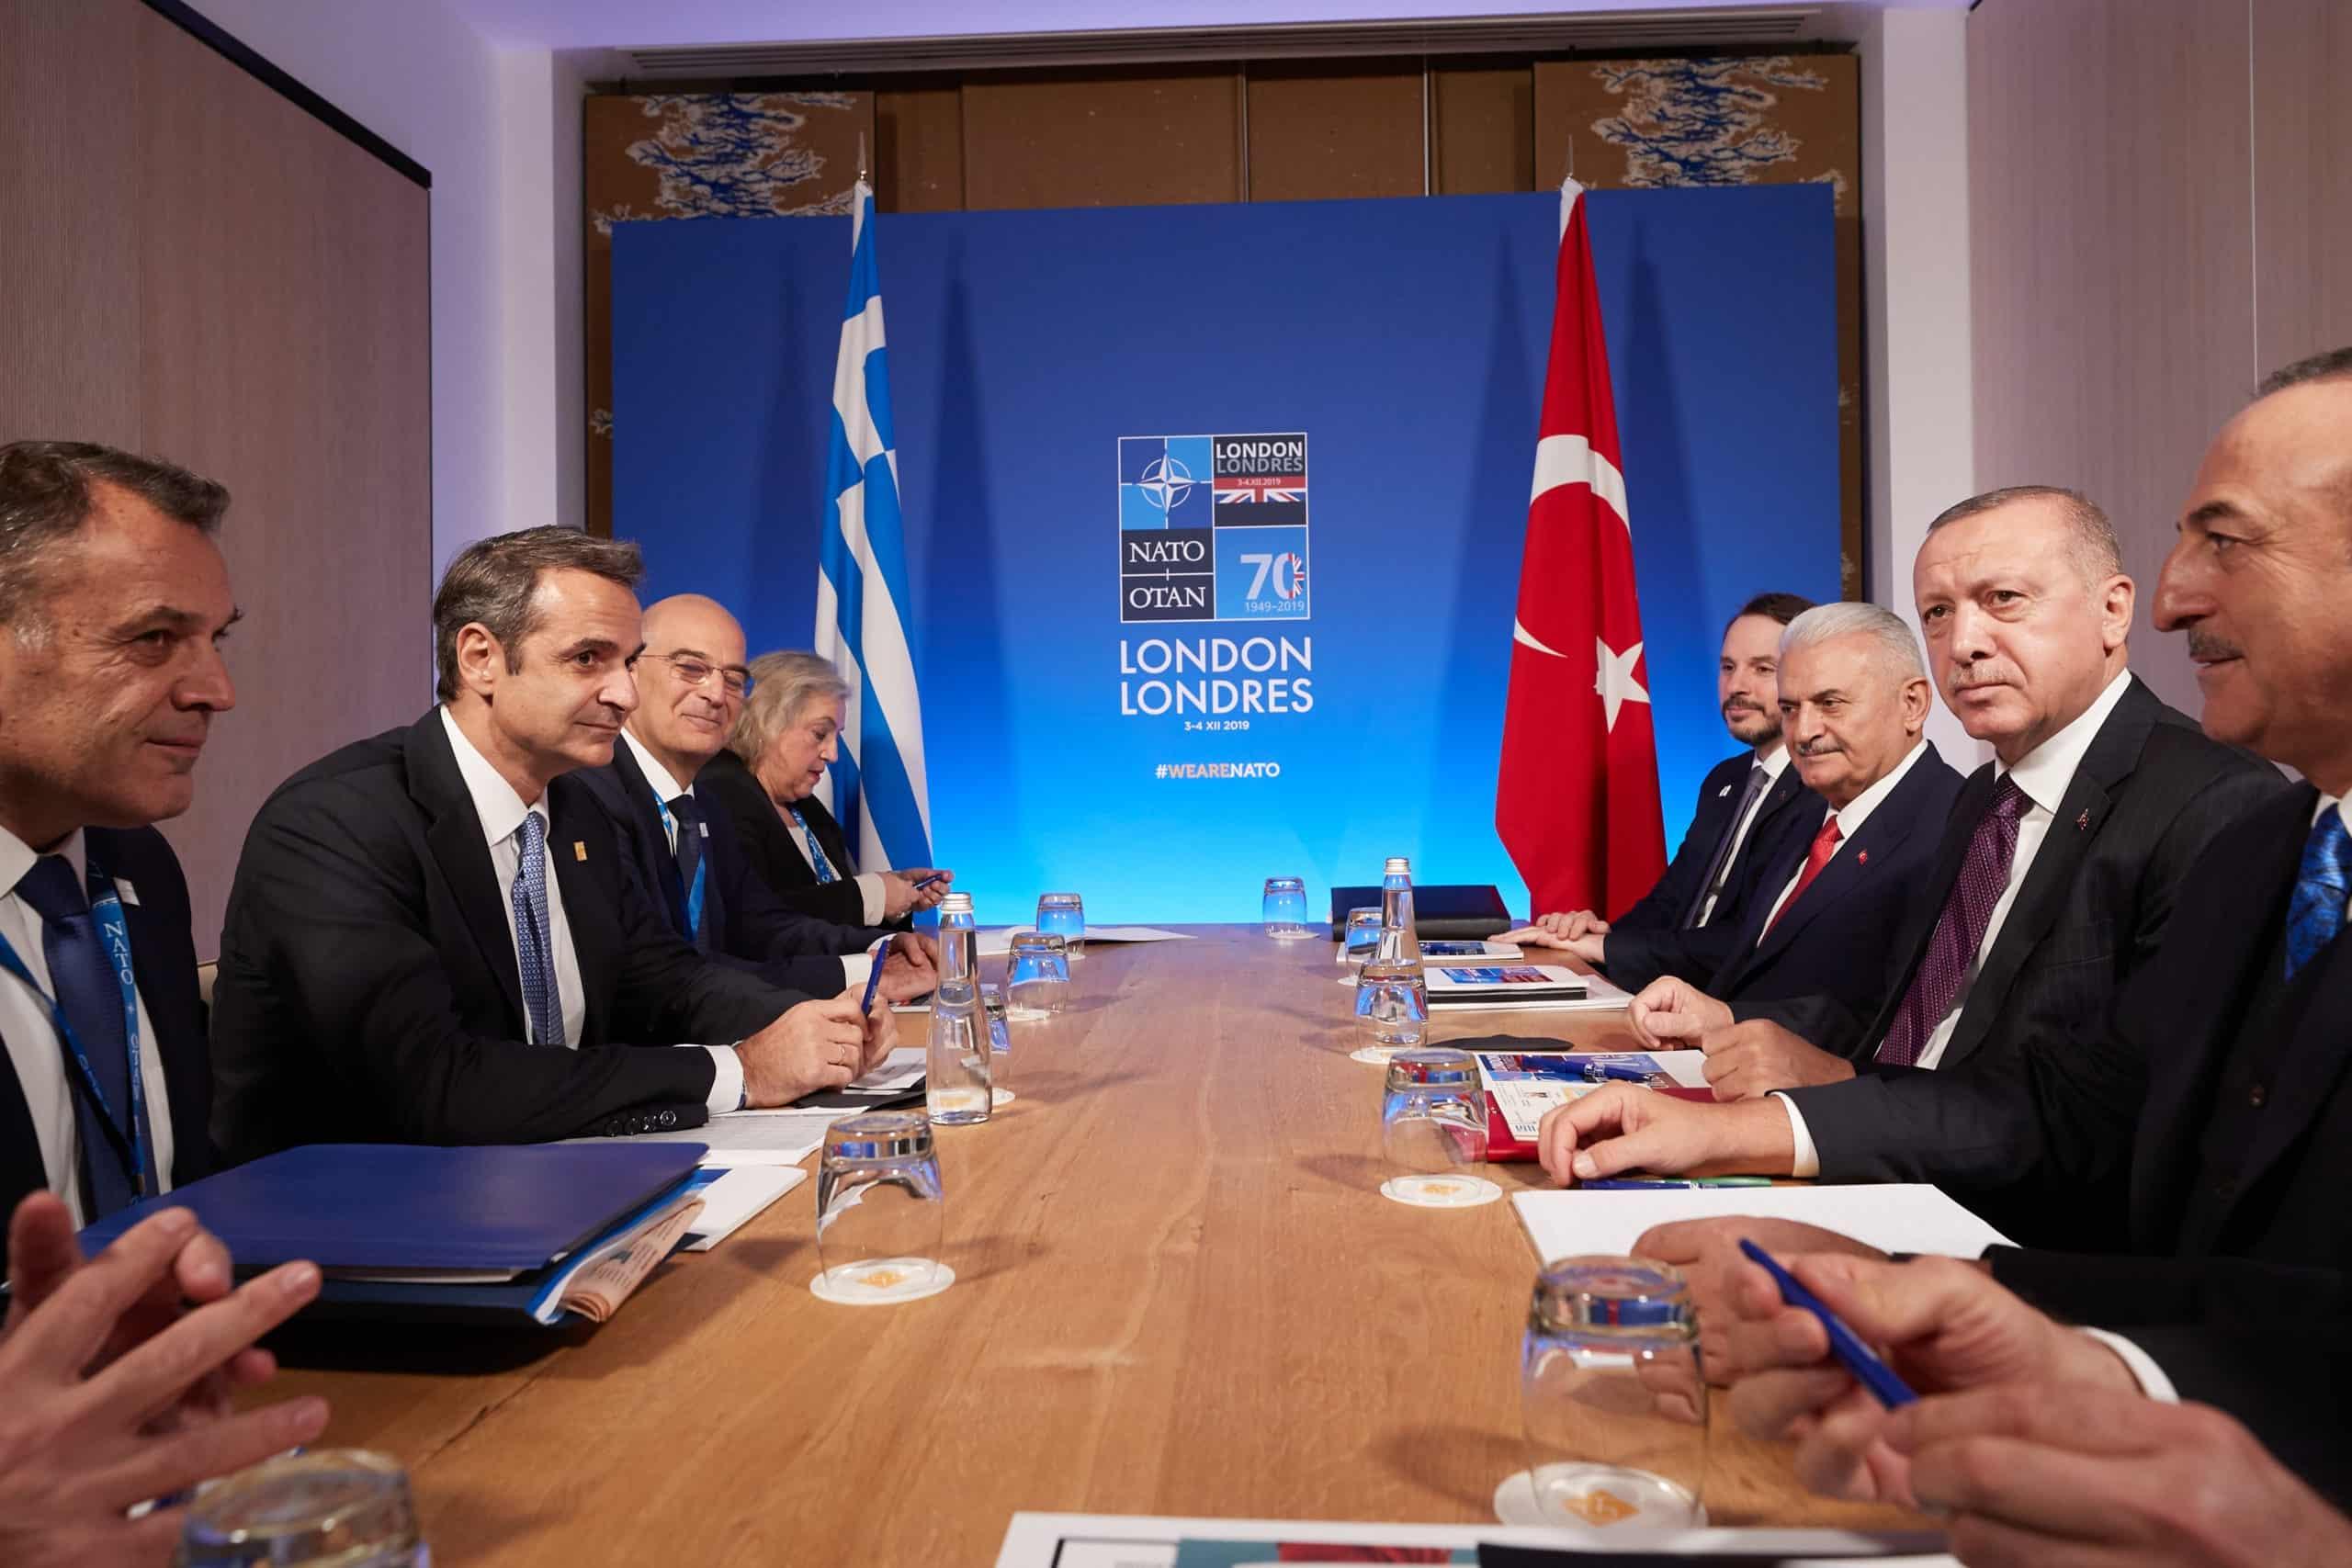 Συμβούλιο Εξωτερικής Πολιτικής μετά τη συνάντηση Μητσοτάκη - Ερντογάν προανήγγειλε ο πρωθυπουργός για τις επόμενες ημέρες